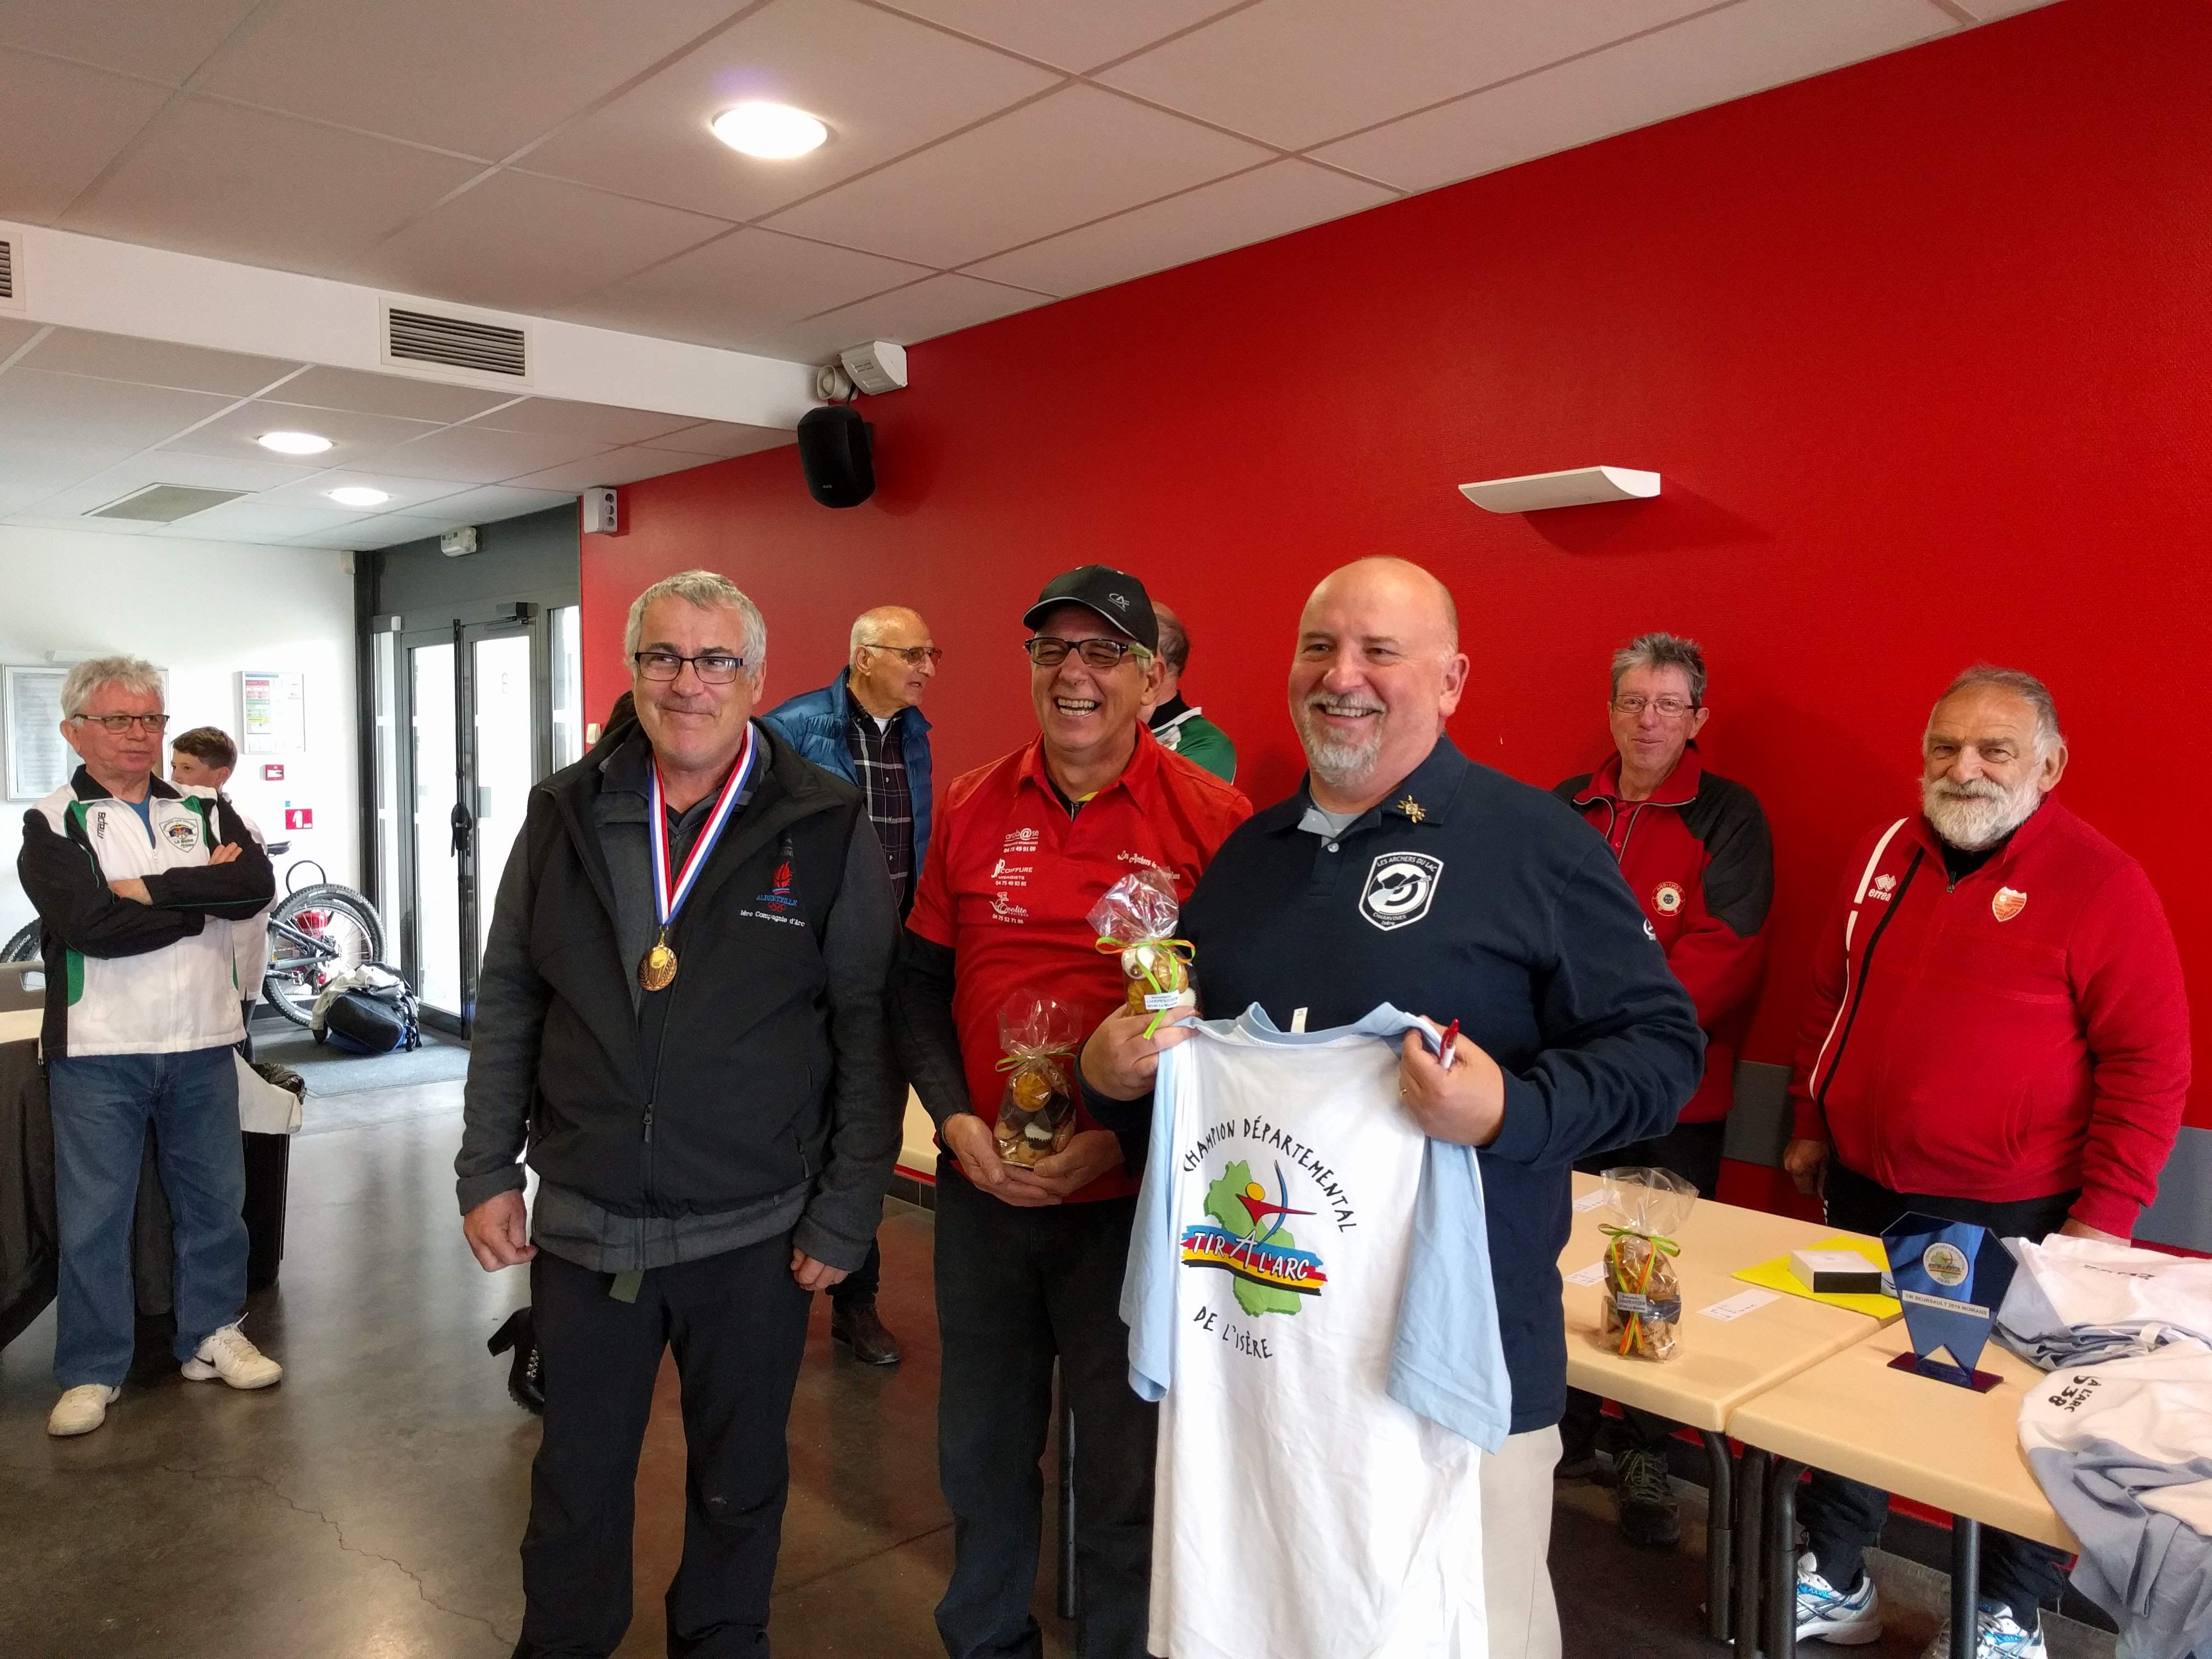 Concours extérieur Moirans 07-04-2019 (8)